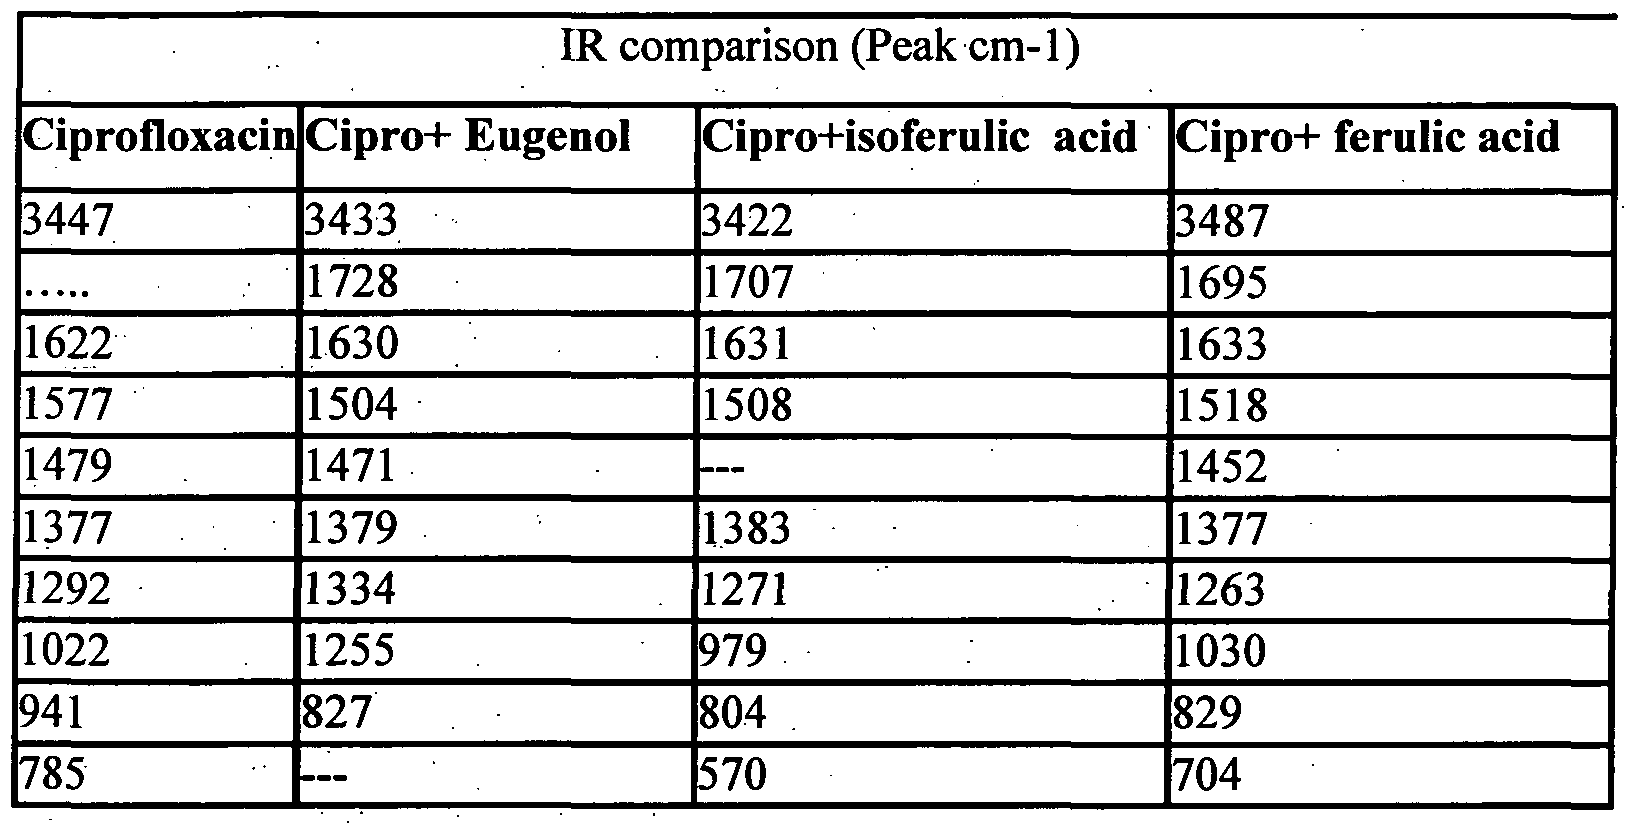 eugenol ir spectrum peaks